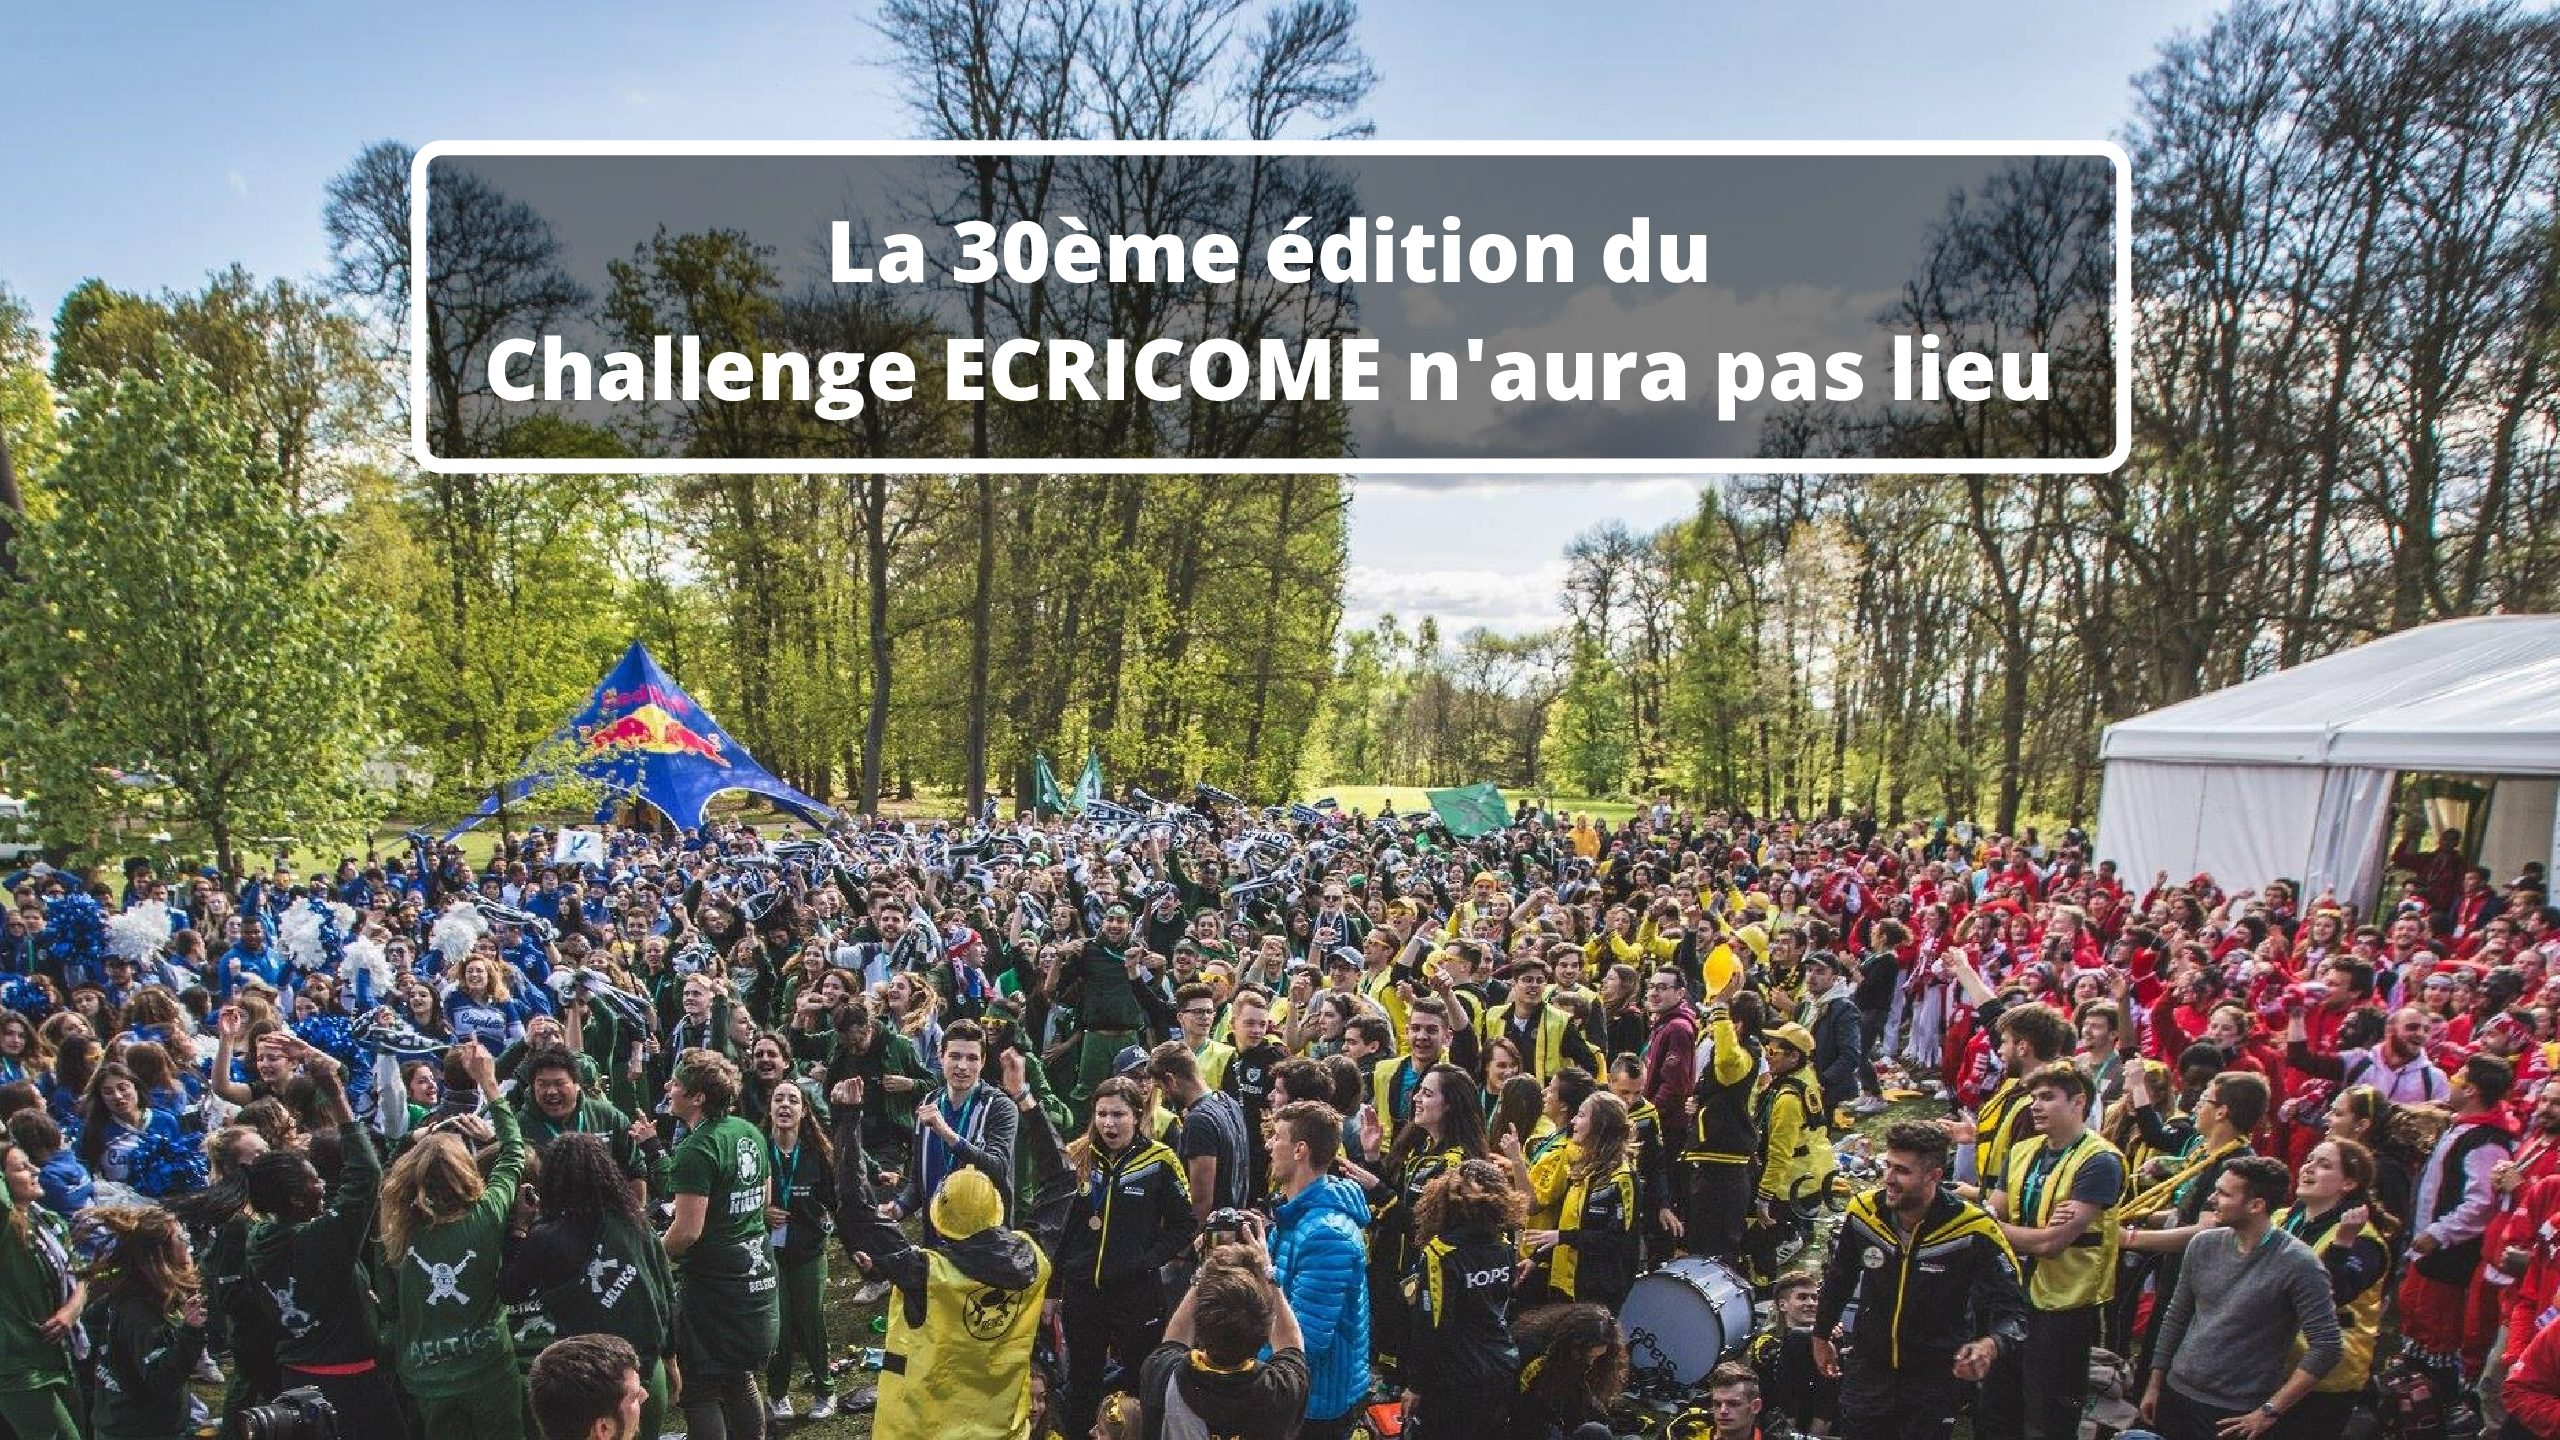 La 30ème édition du Challenge ECRICOME n'aura pas lieu